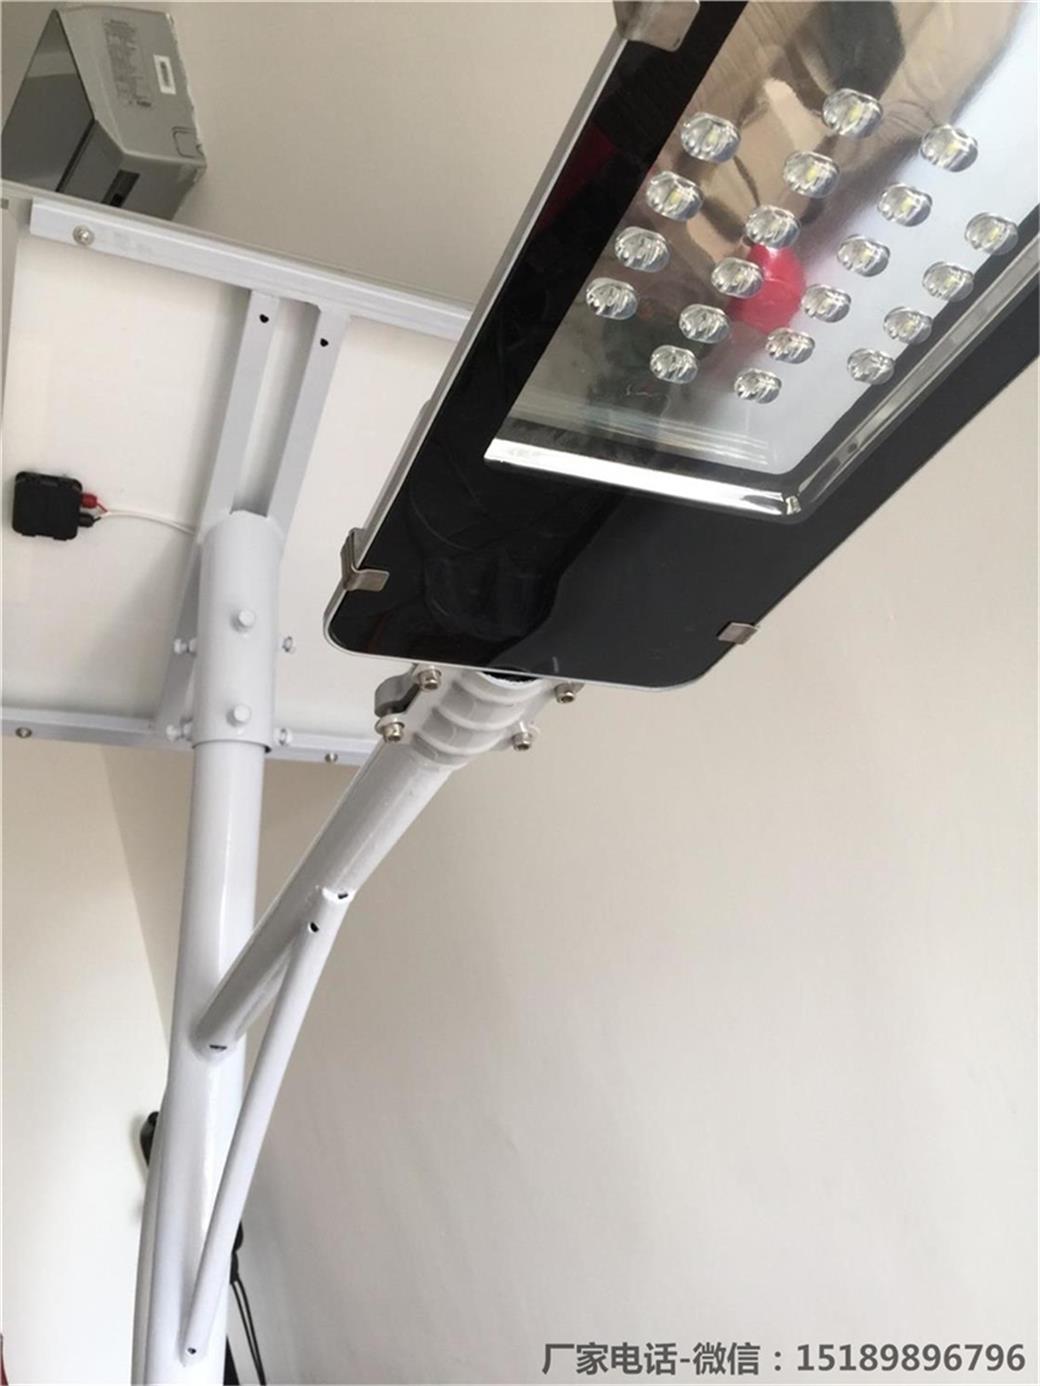 廊坊市40瓦LED路燈